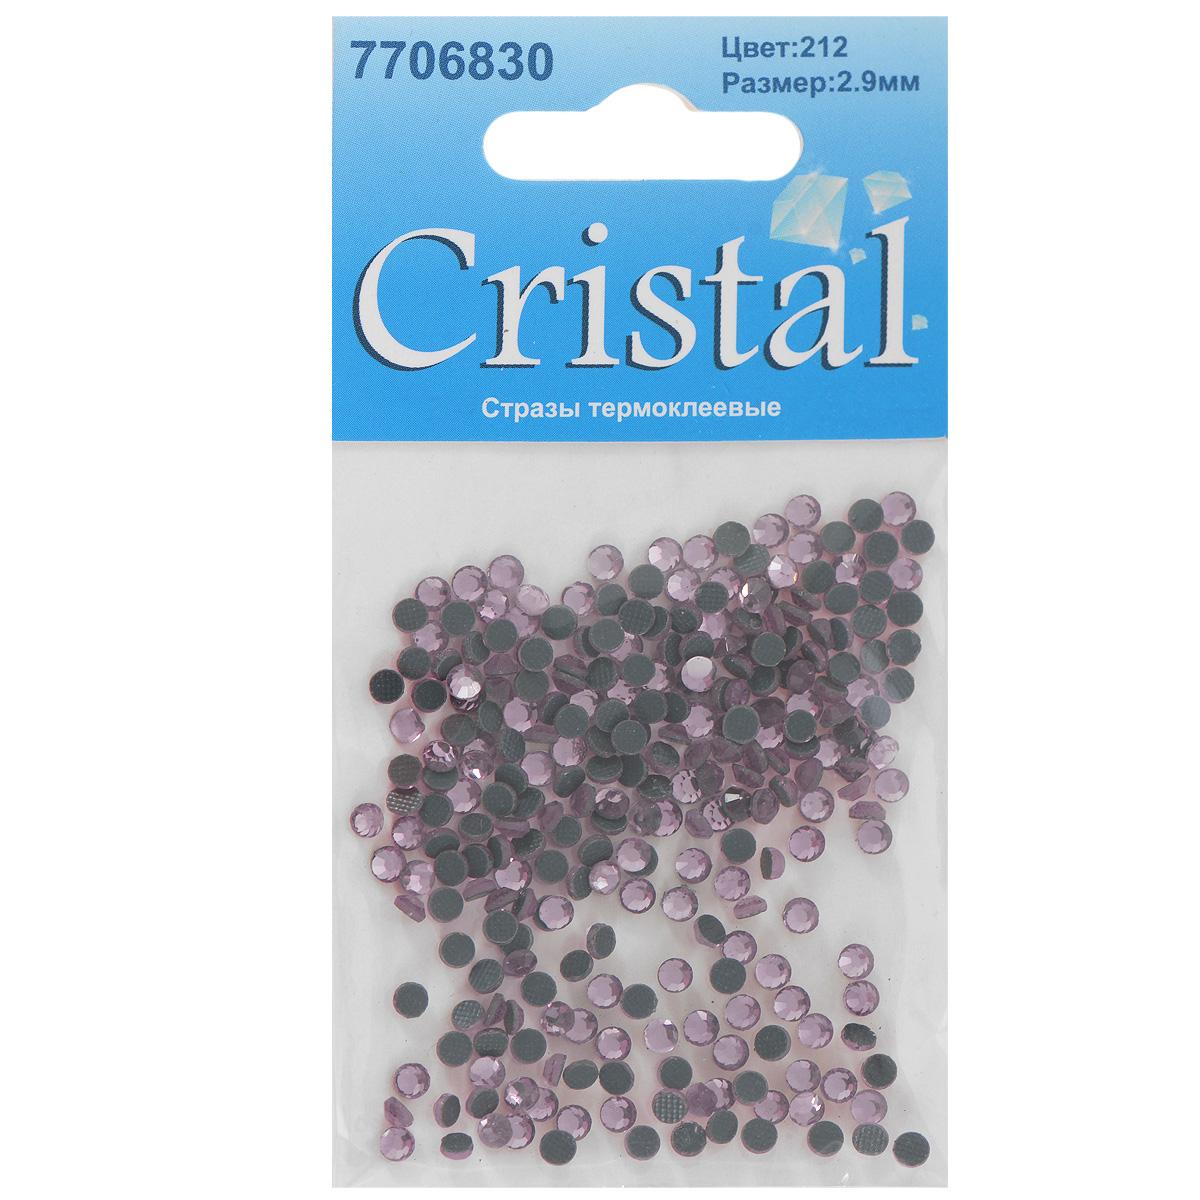 Стразы термоклеевые Cristal, цвет: бледно-розовый (212), диаметр 2,9 мм, 288 штC0042415Набор термоклеевых страз Cristal, изготовленный из высококачественного акрила, позволит вам украсить одежду, аксессуары или текстиль. Яркие стразы имеют плоское дно и круглую поверхность с гранями.Дно термоклеевых страз уже обработано особым клеем, который под воздействием высоких температур начинает плавиться, приклеиваясь, таким образом, к требуемой поверхности. Чаще всего их используют в текстильной промышленности: стразы прикладывают к ткани и проглаживают утюгом с обратной стороны. Также можно использовать специальный паяльник. Украшение стразами поможет сделать любую вещь оригинальной и неповторимой. Диаметр страз: 2,9 мм.